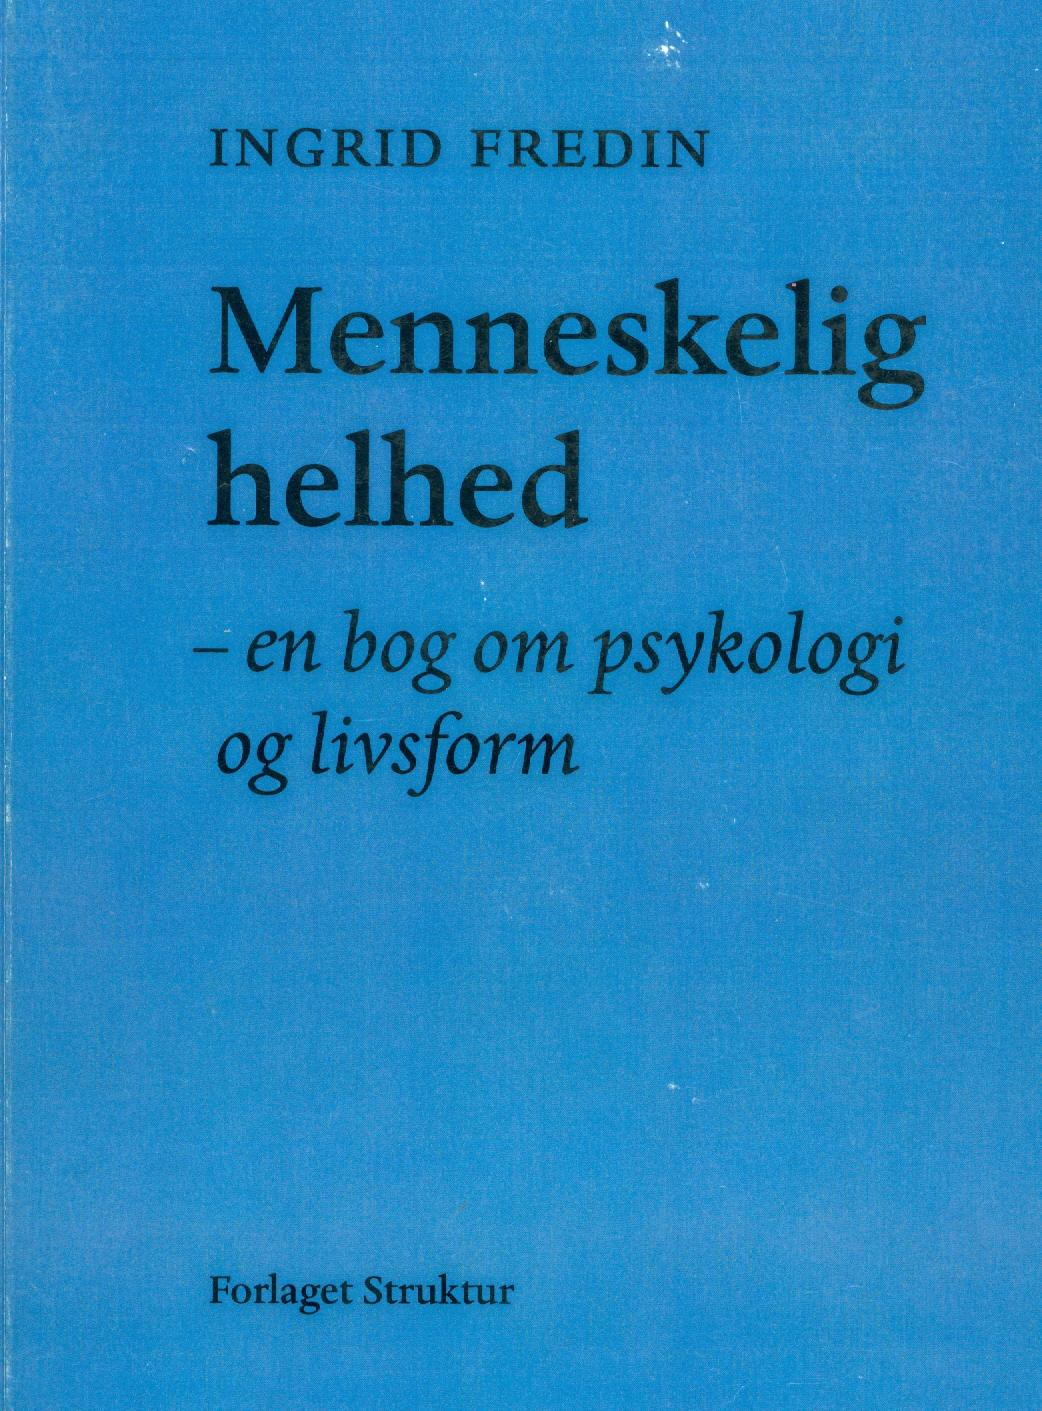 Menneskelig helhed - e-bog fra N/A på bog & mystik